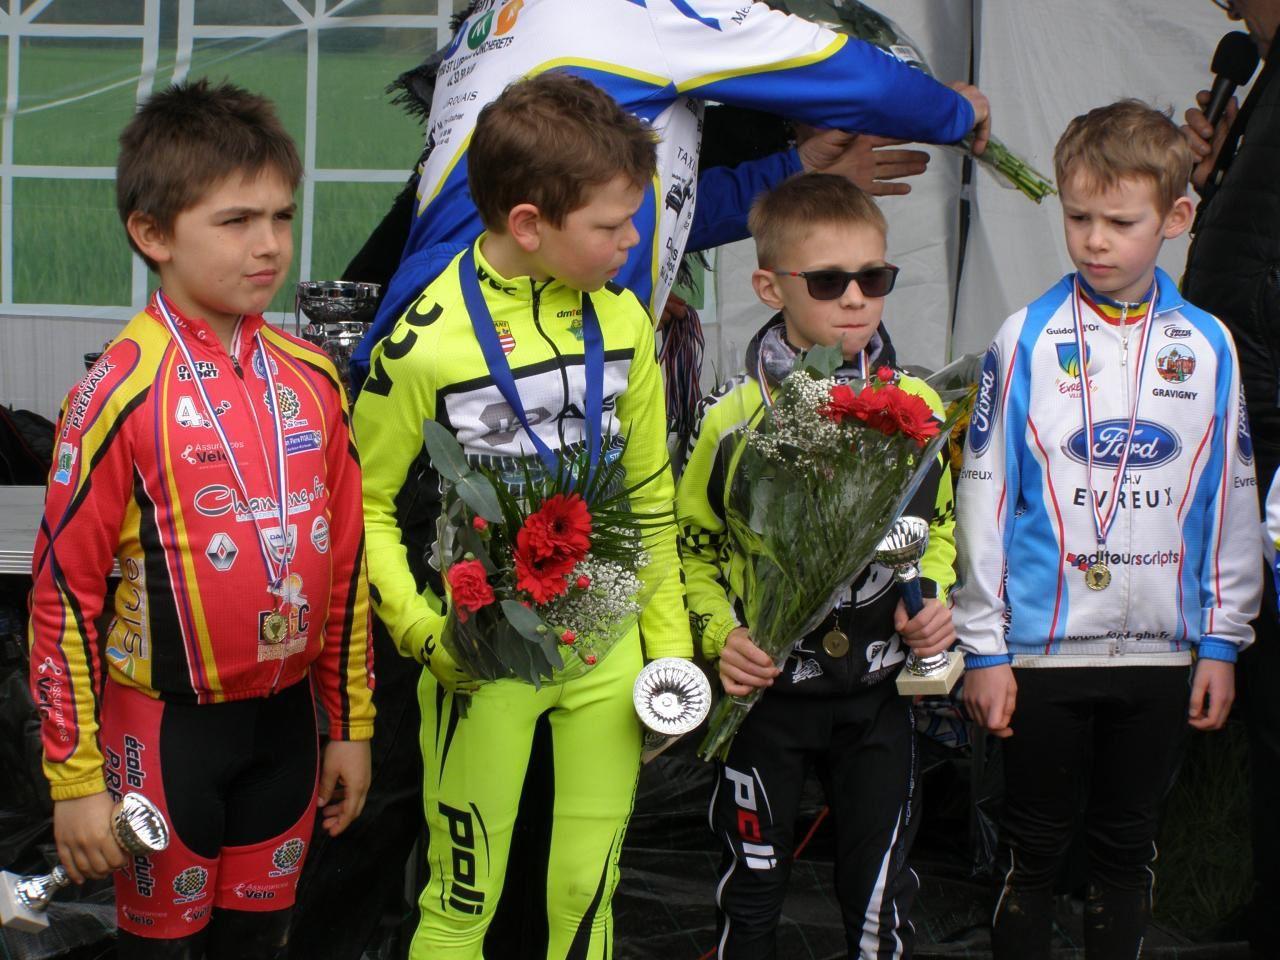 Album photos de la réunion école de cyclisme de Torçay (28)